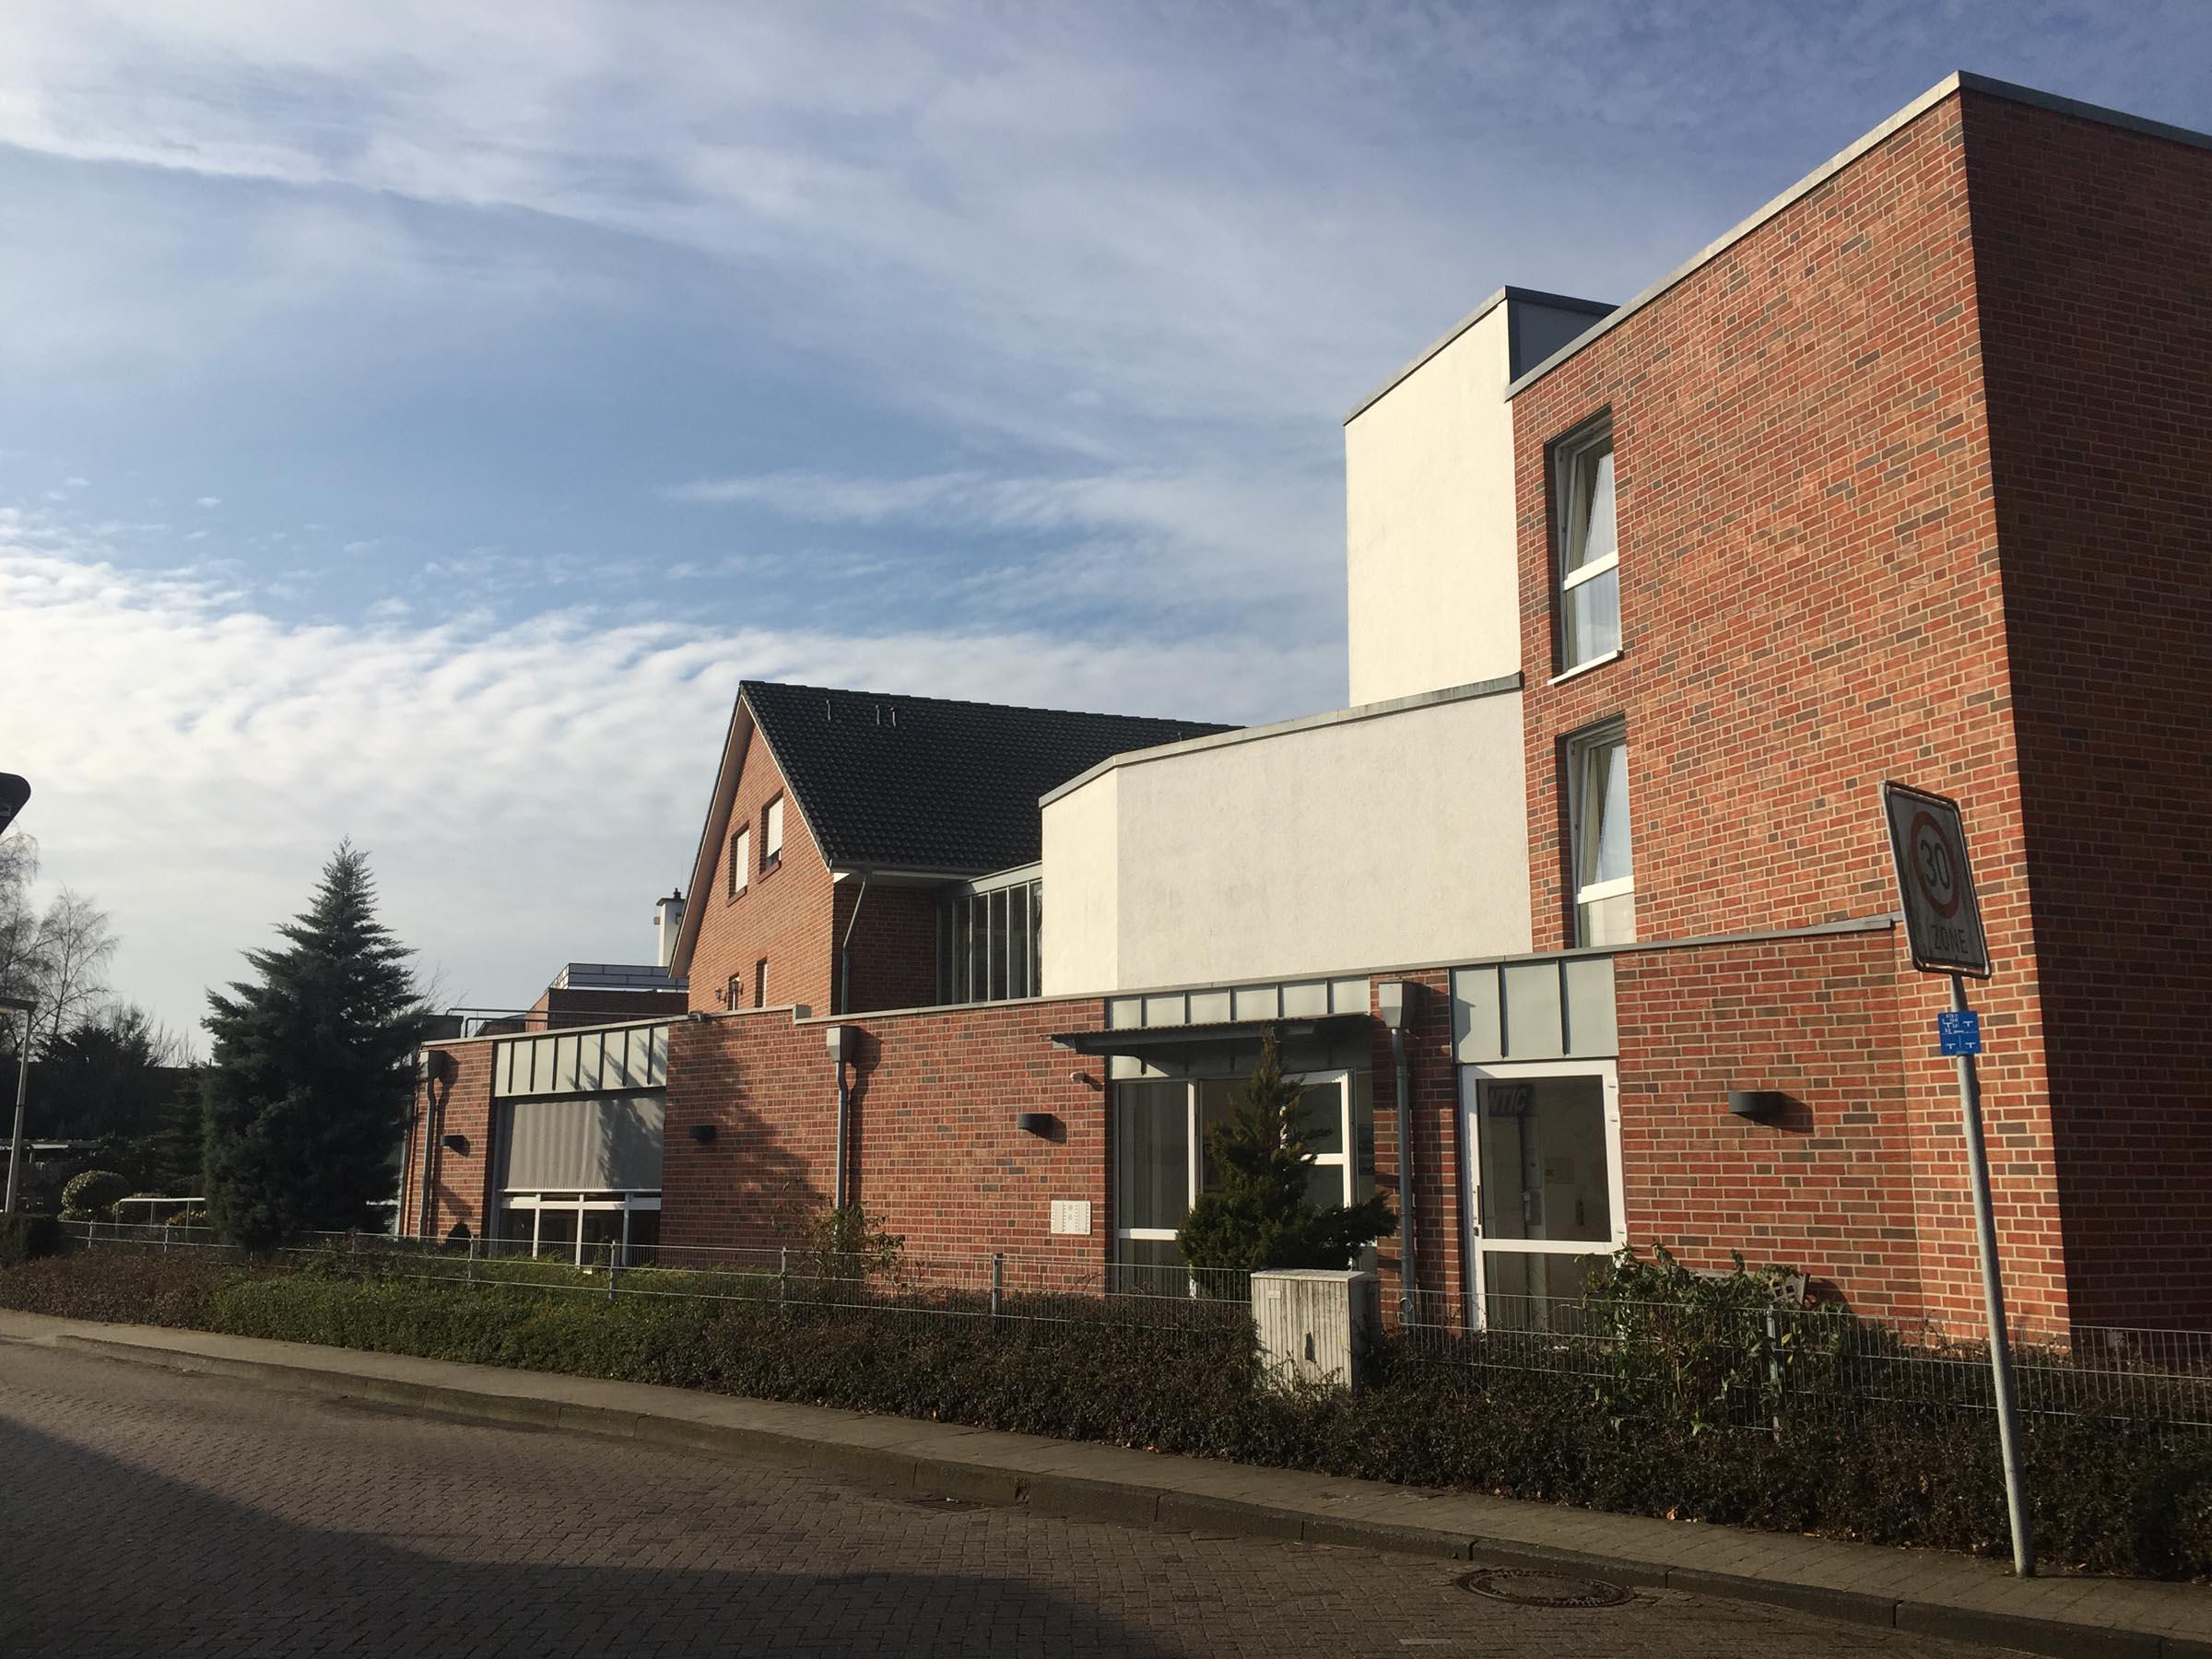 Alten- und Pflegeheim 'Neuland'